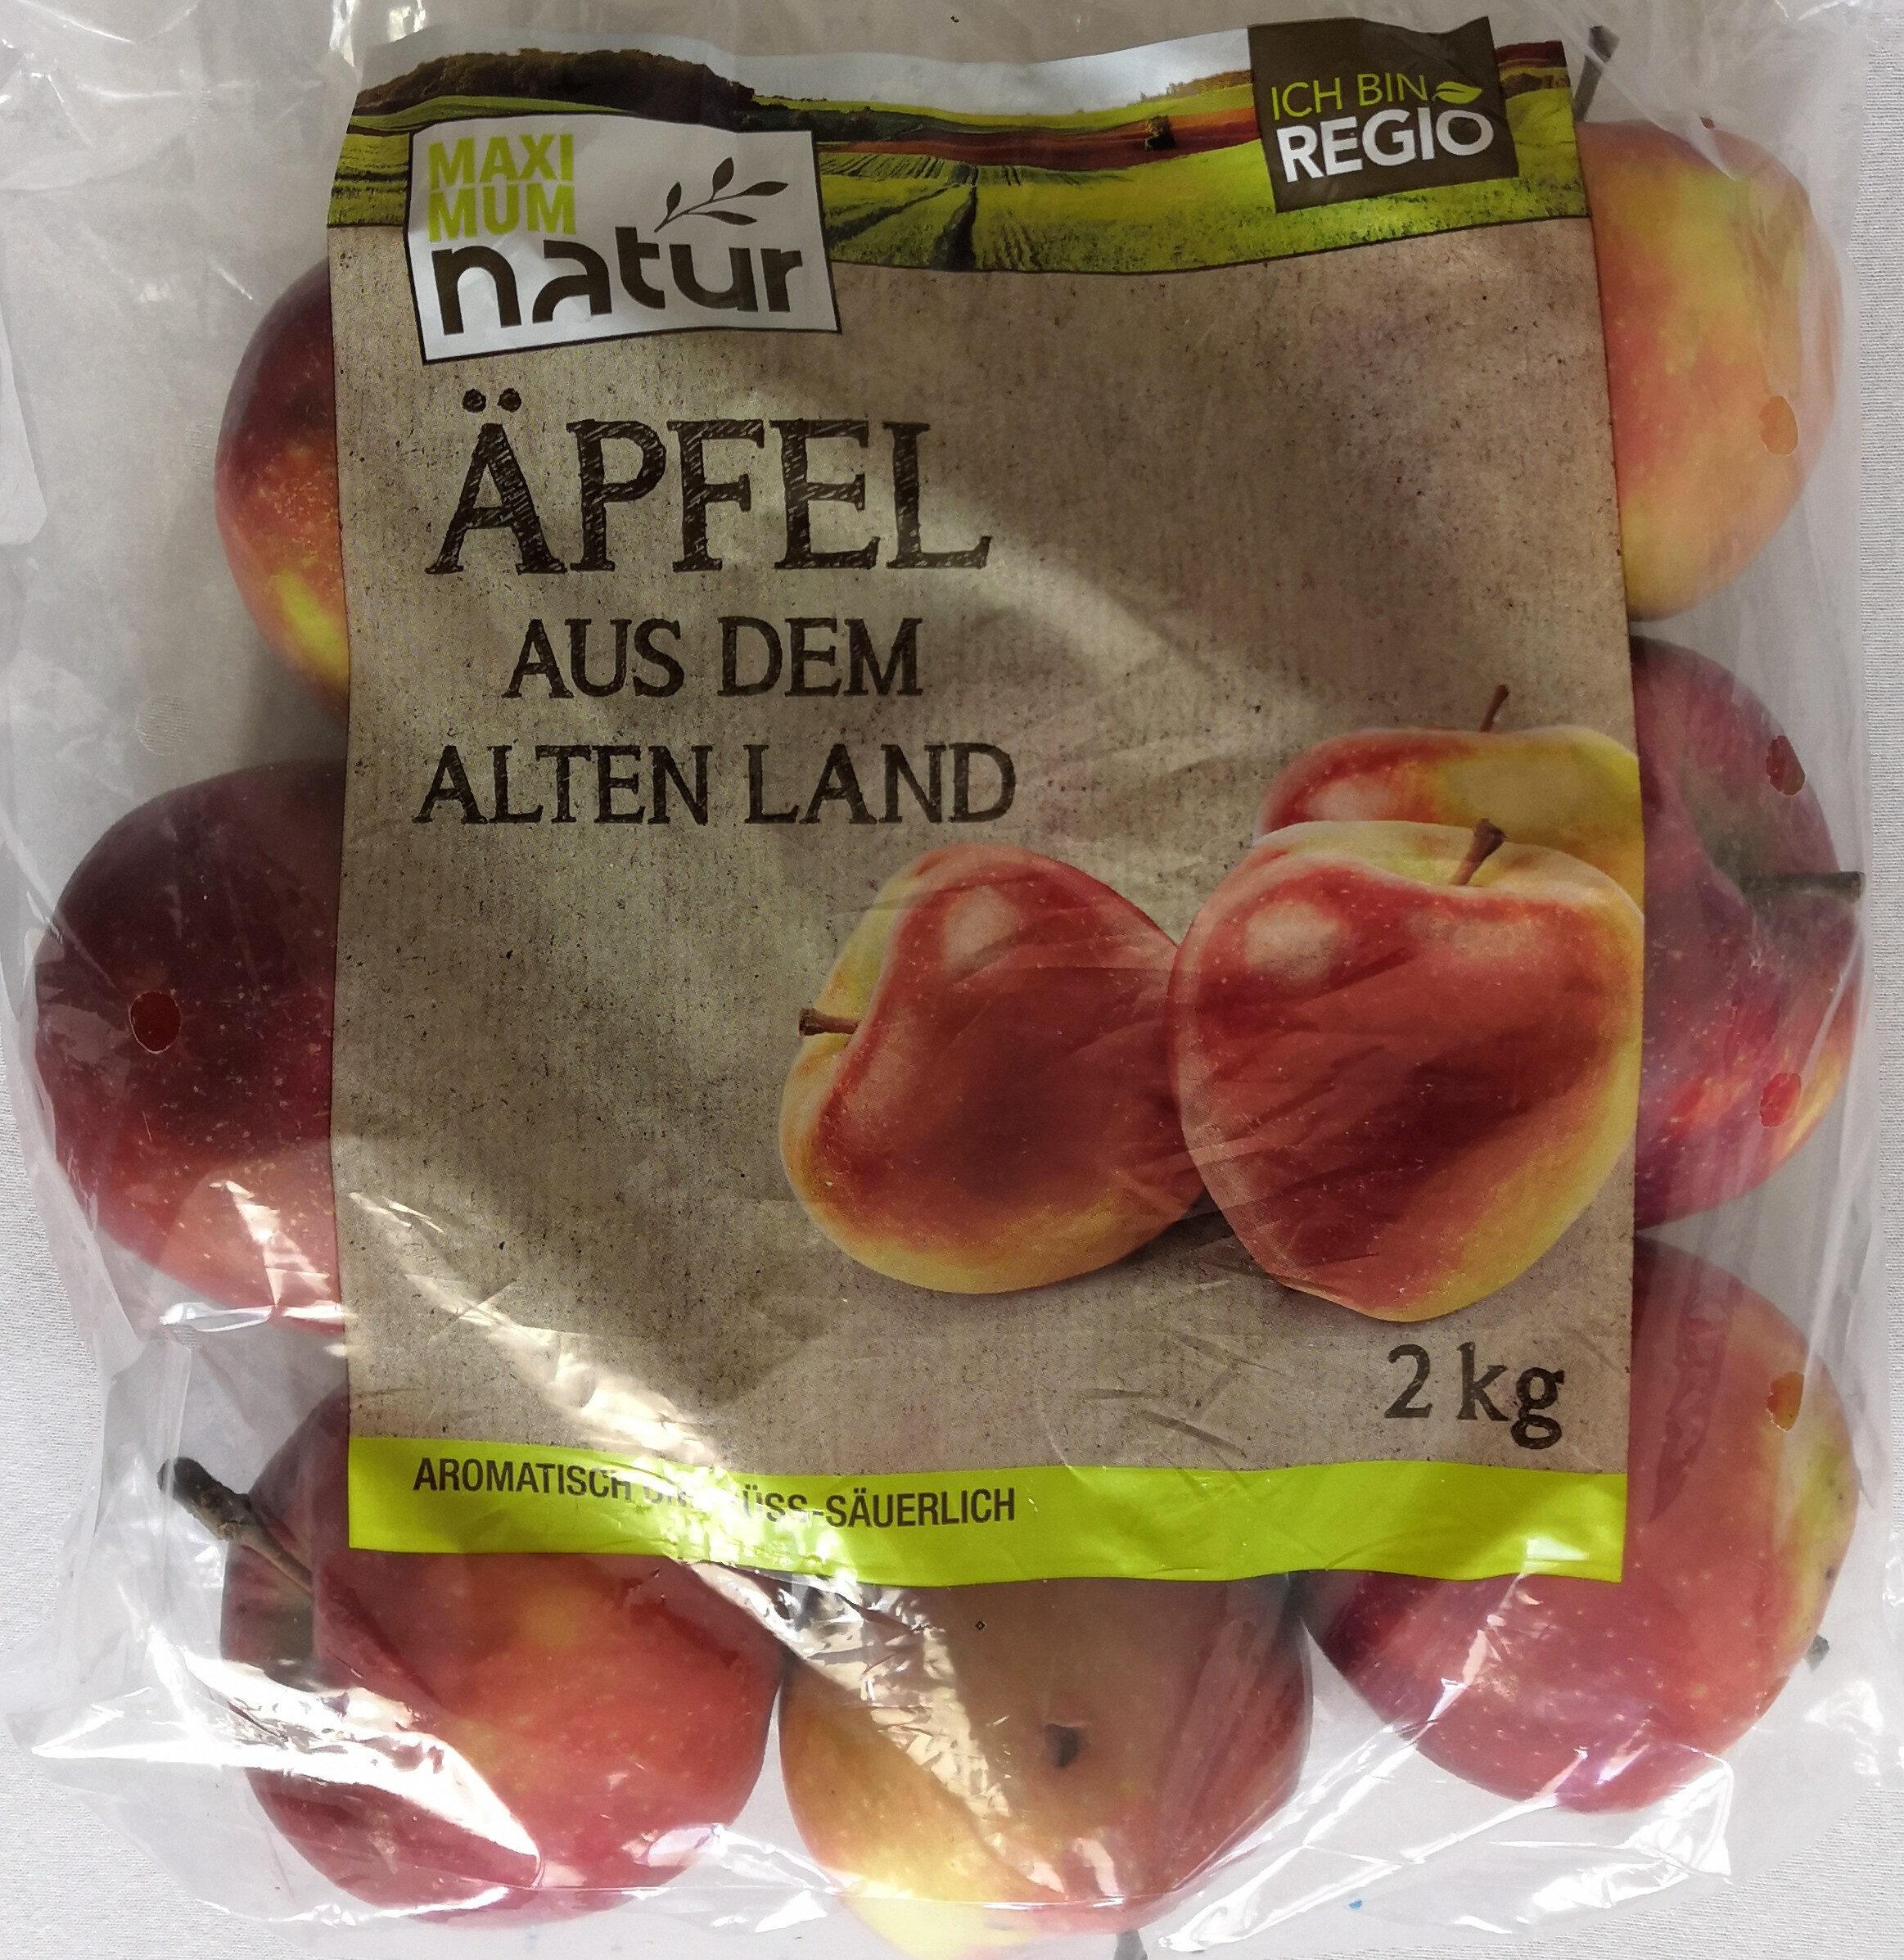 Maximum Natur Ich bin Regio Äpfel aus dem alten Land - Product - de